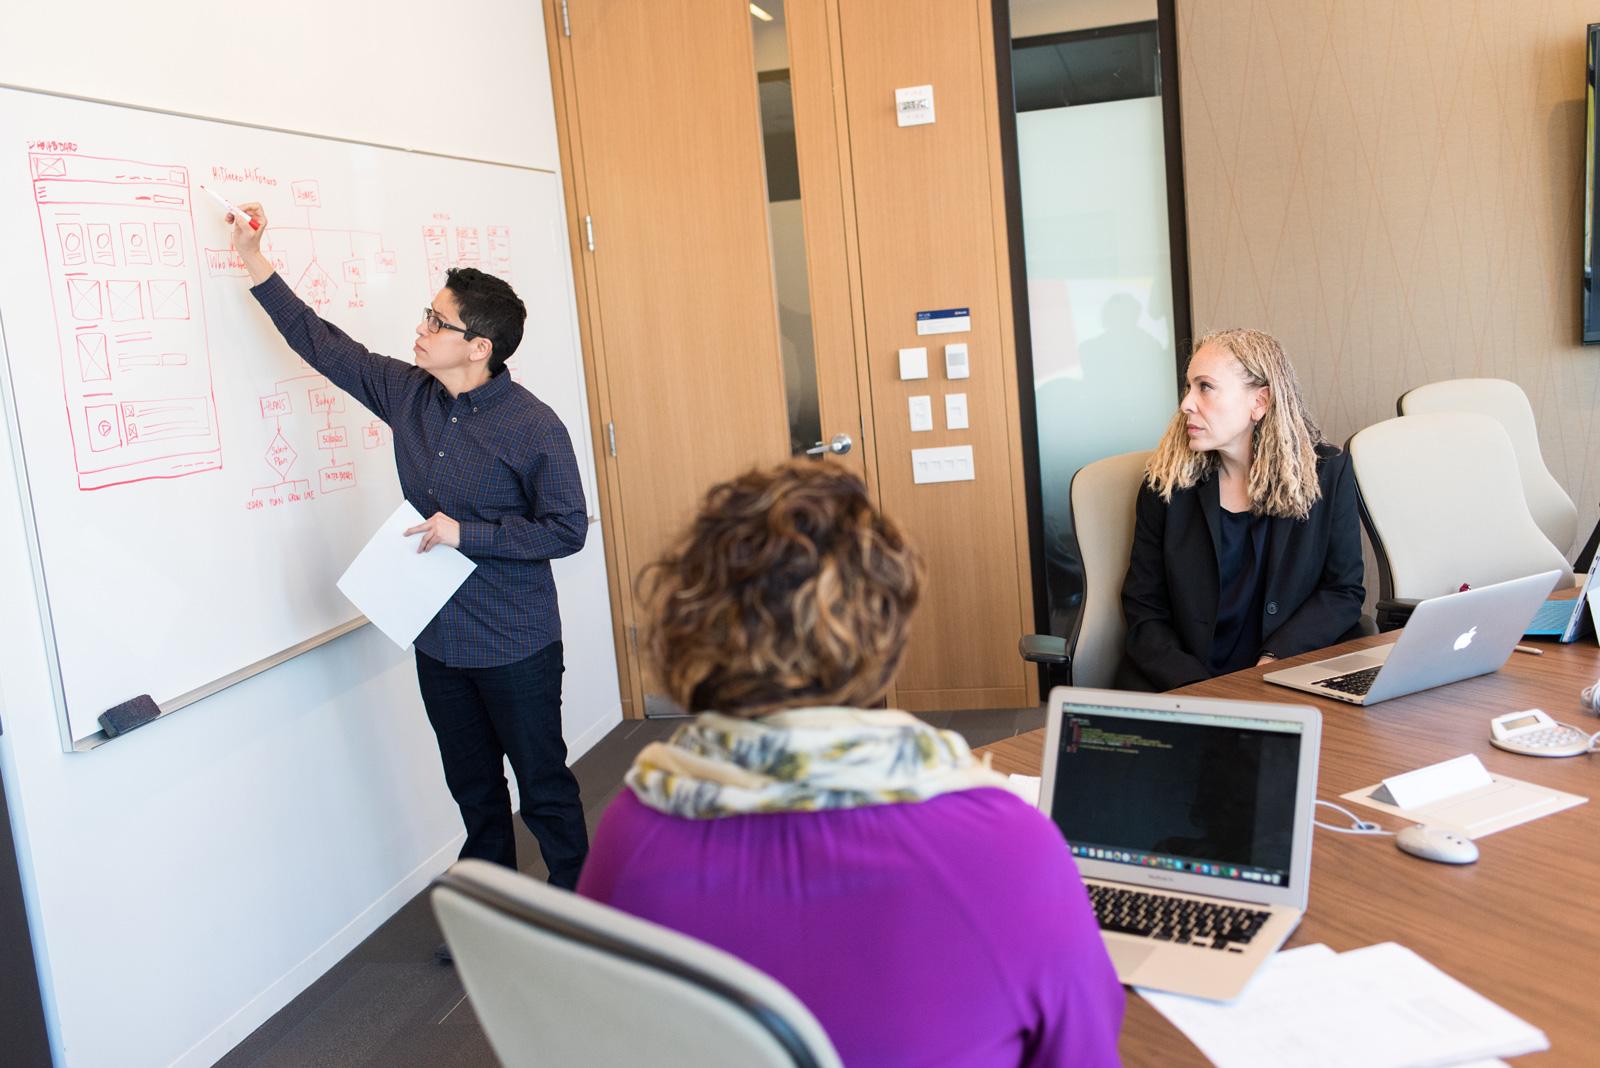 Frauenanteil in IT-Berufen steigt nur langsam